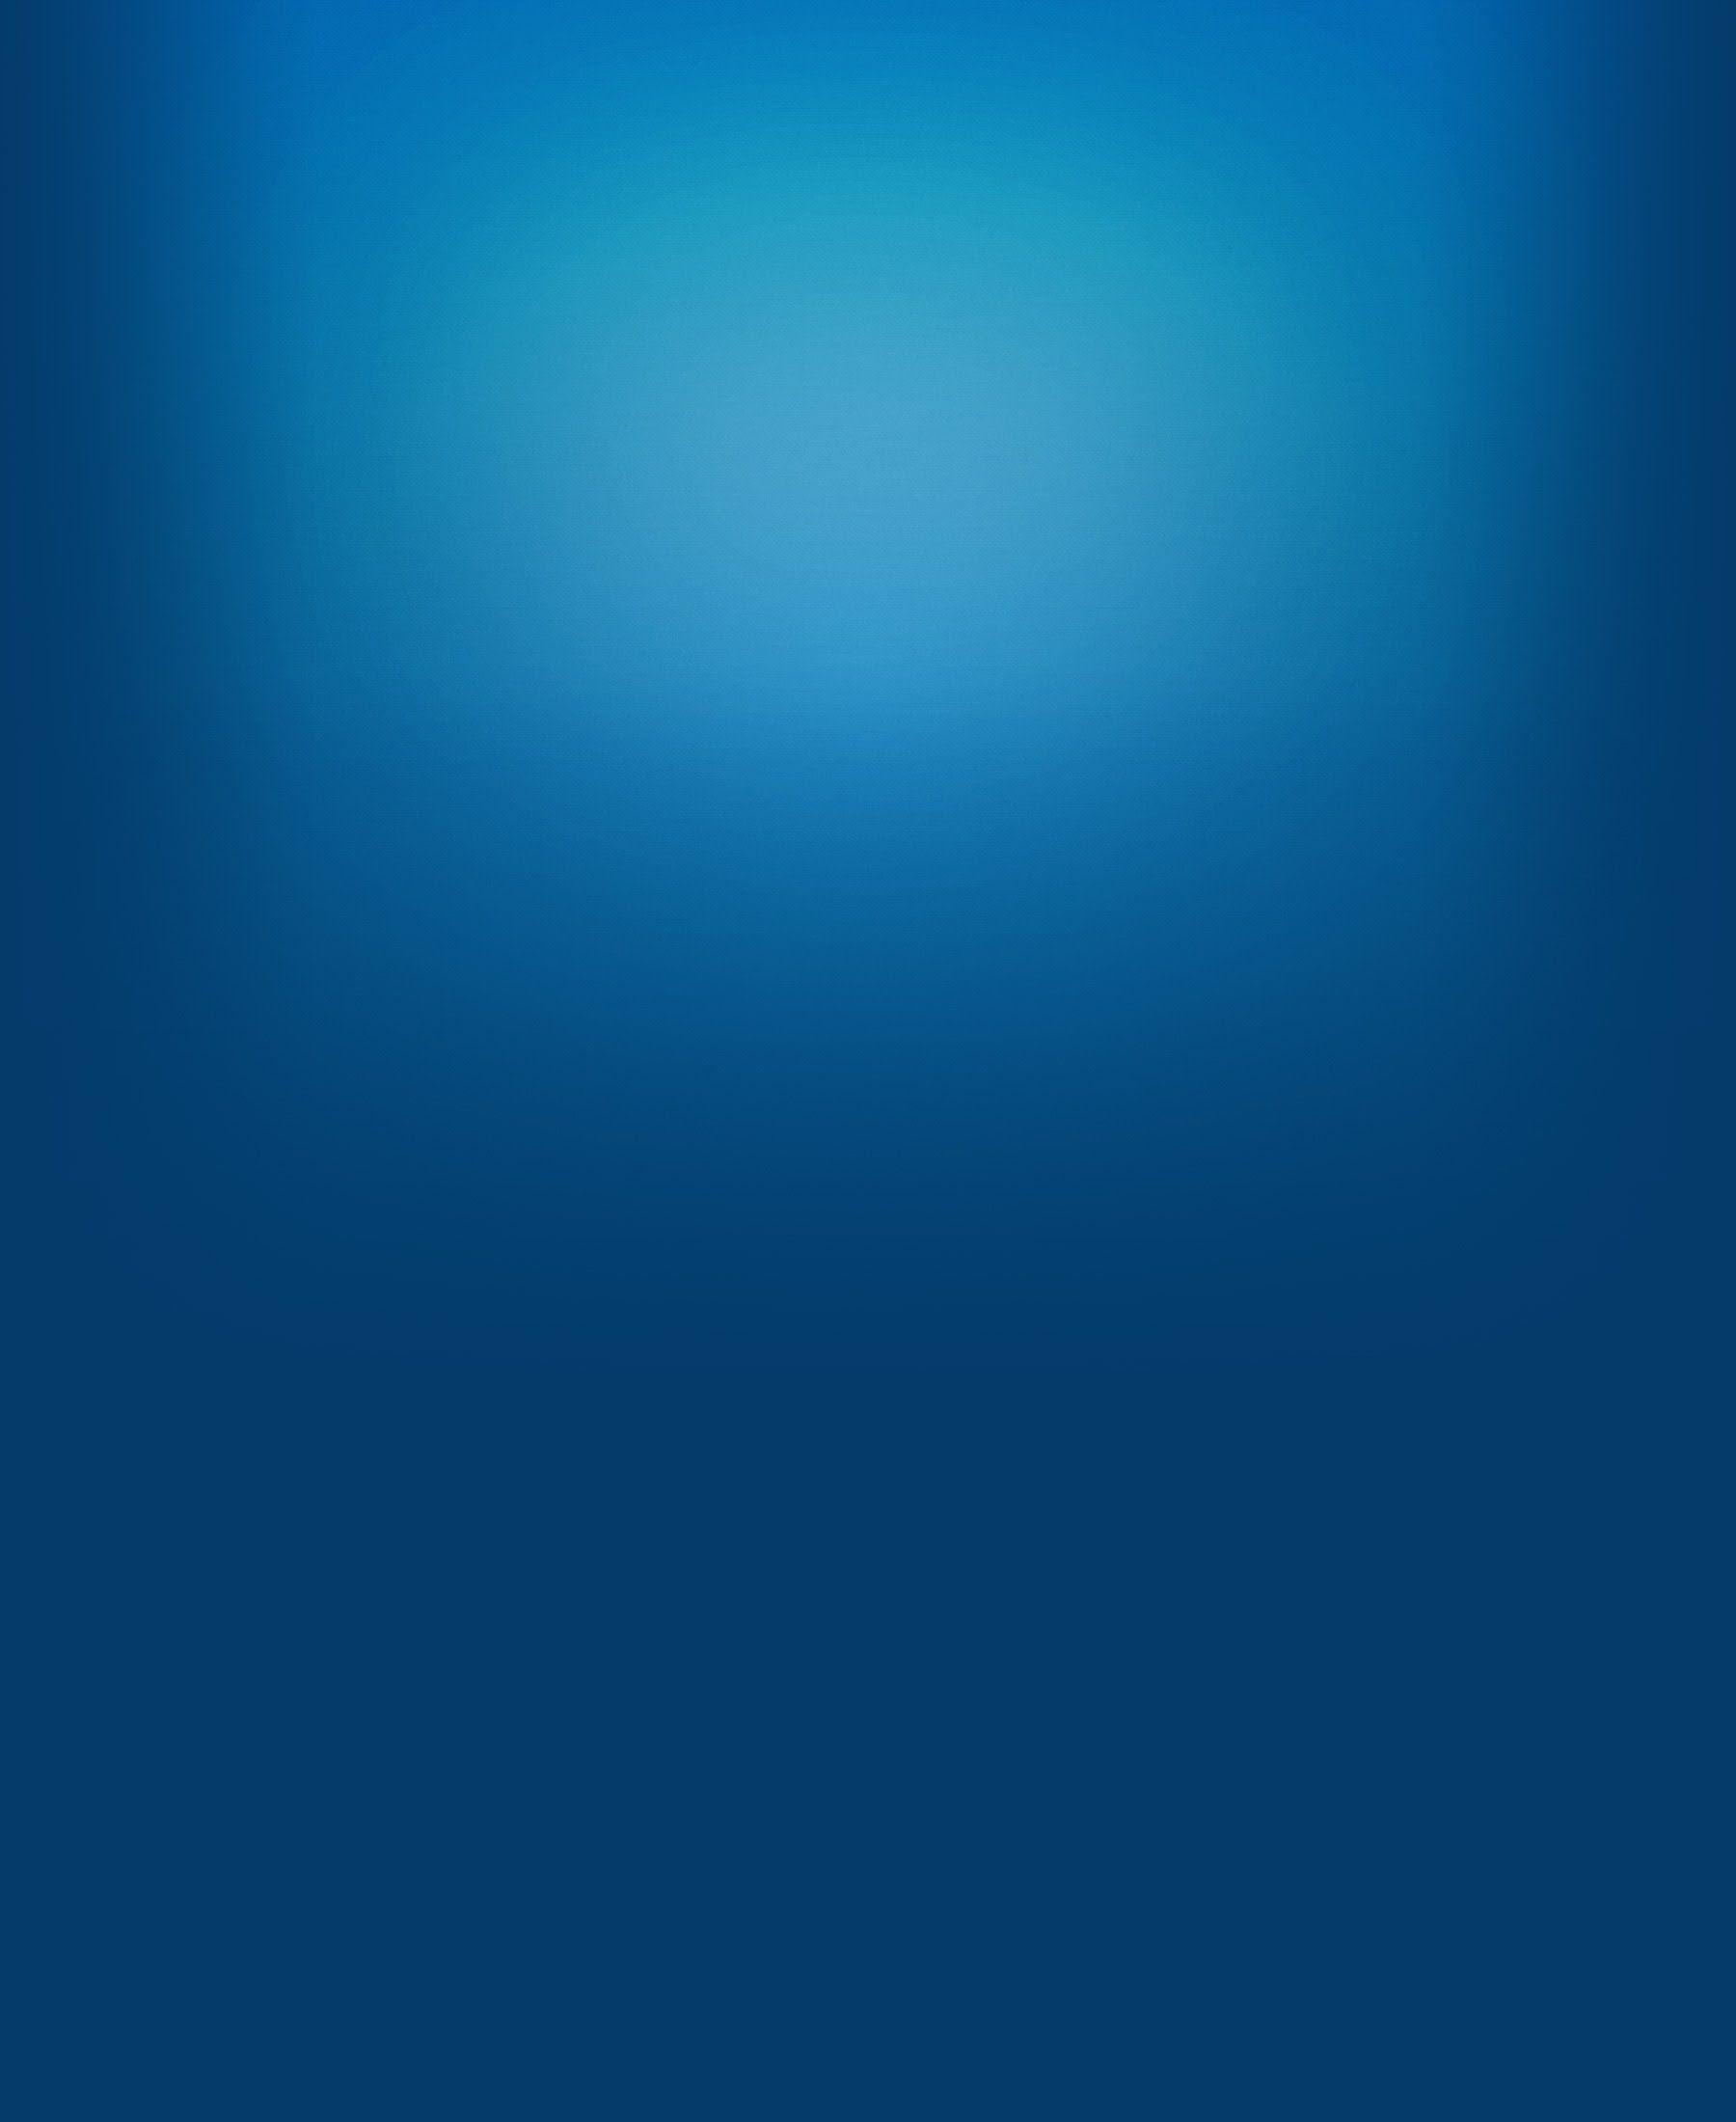 Fondos Azules, Fondo De Colores Lisos, Fondos De